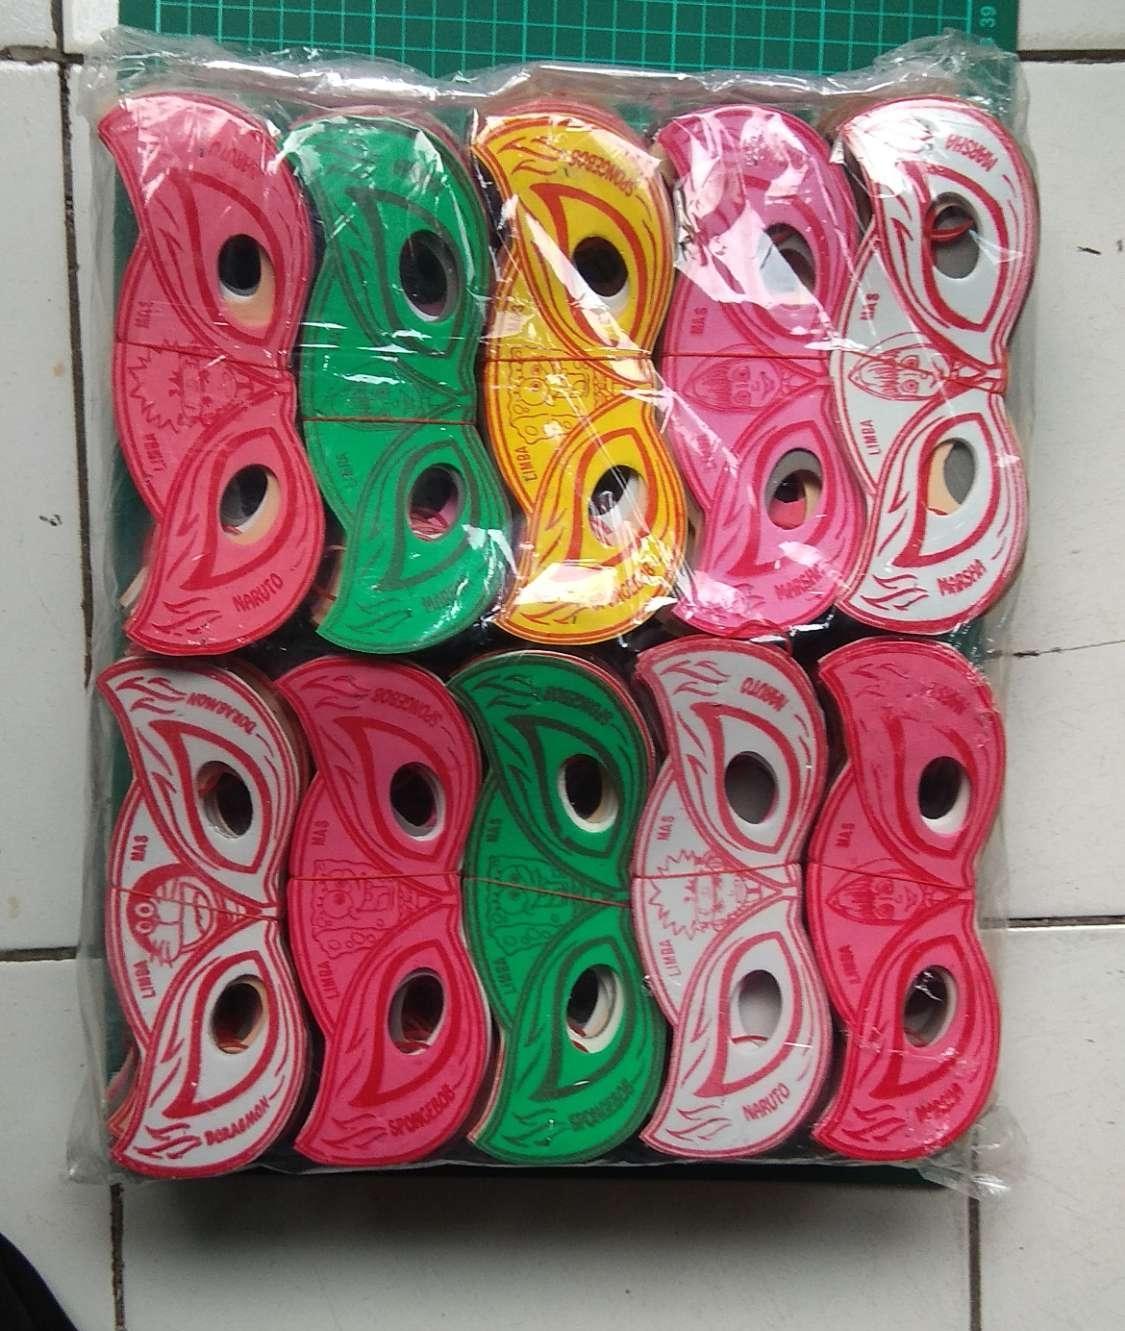 Kacamata / Topeng Busa Isi 200 Pcs Grosir Mainan By Difie Toys.